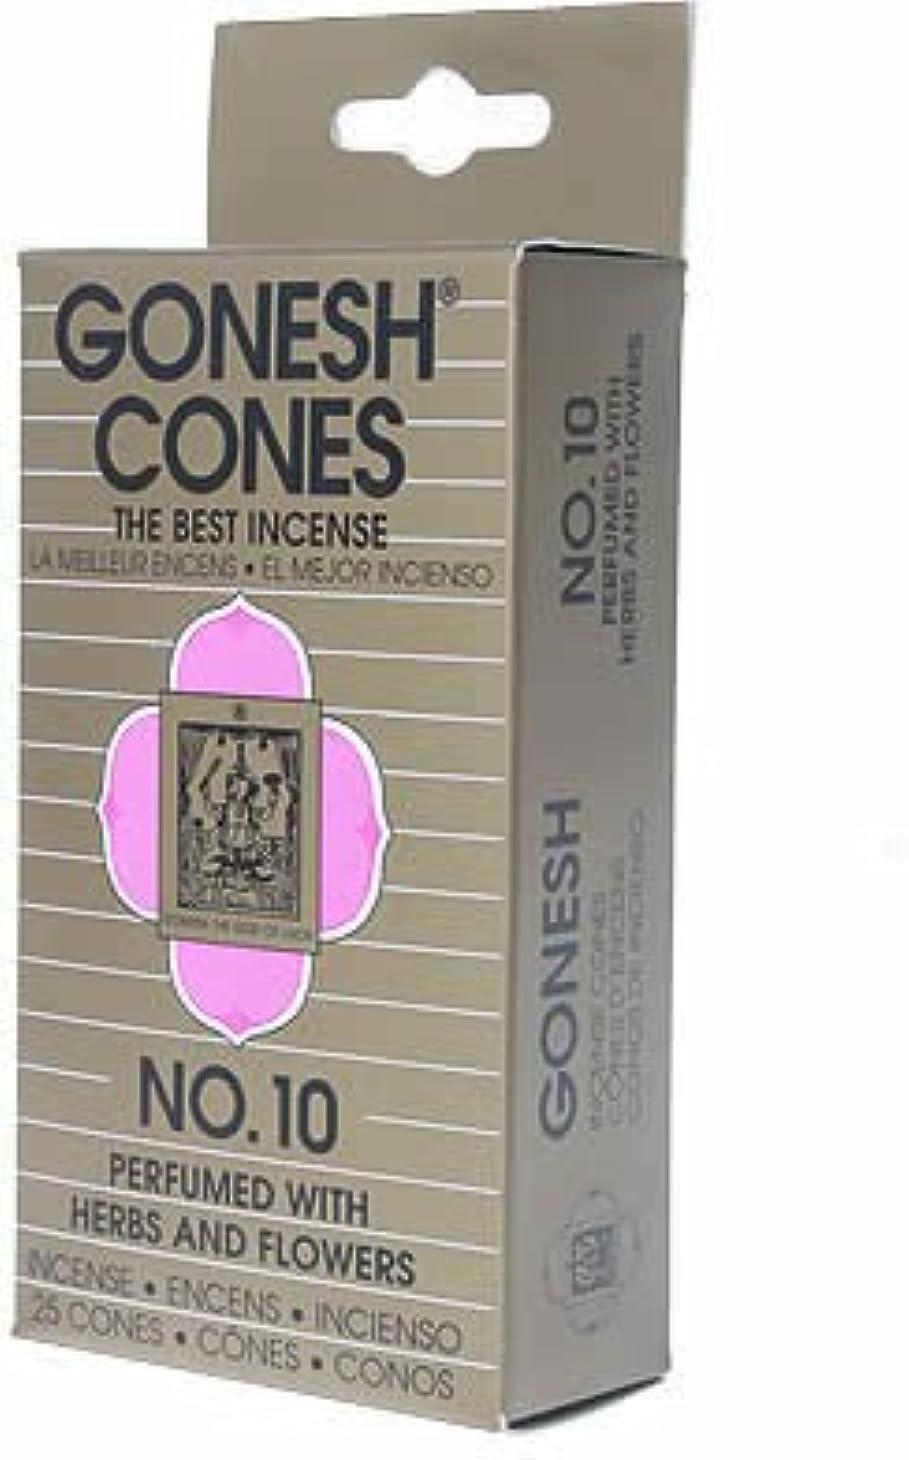 私達精神ミントガーネッシュ(GONESH) ナンバー インセンス コーン No.10 25個入(お香)